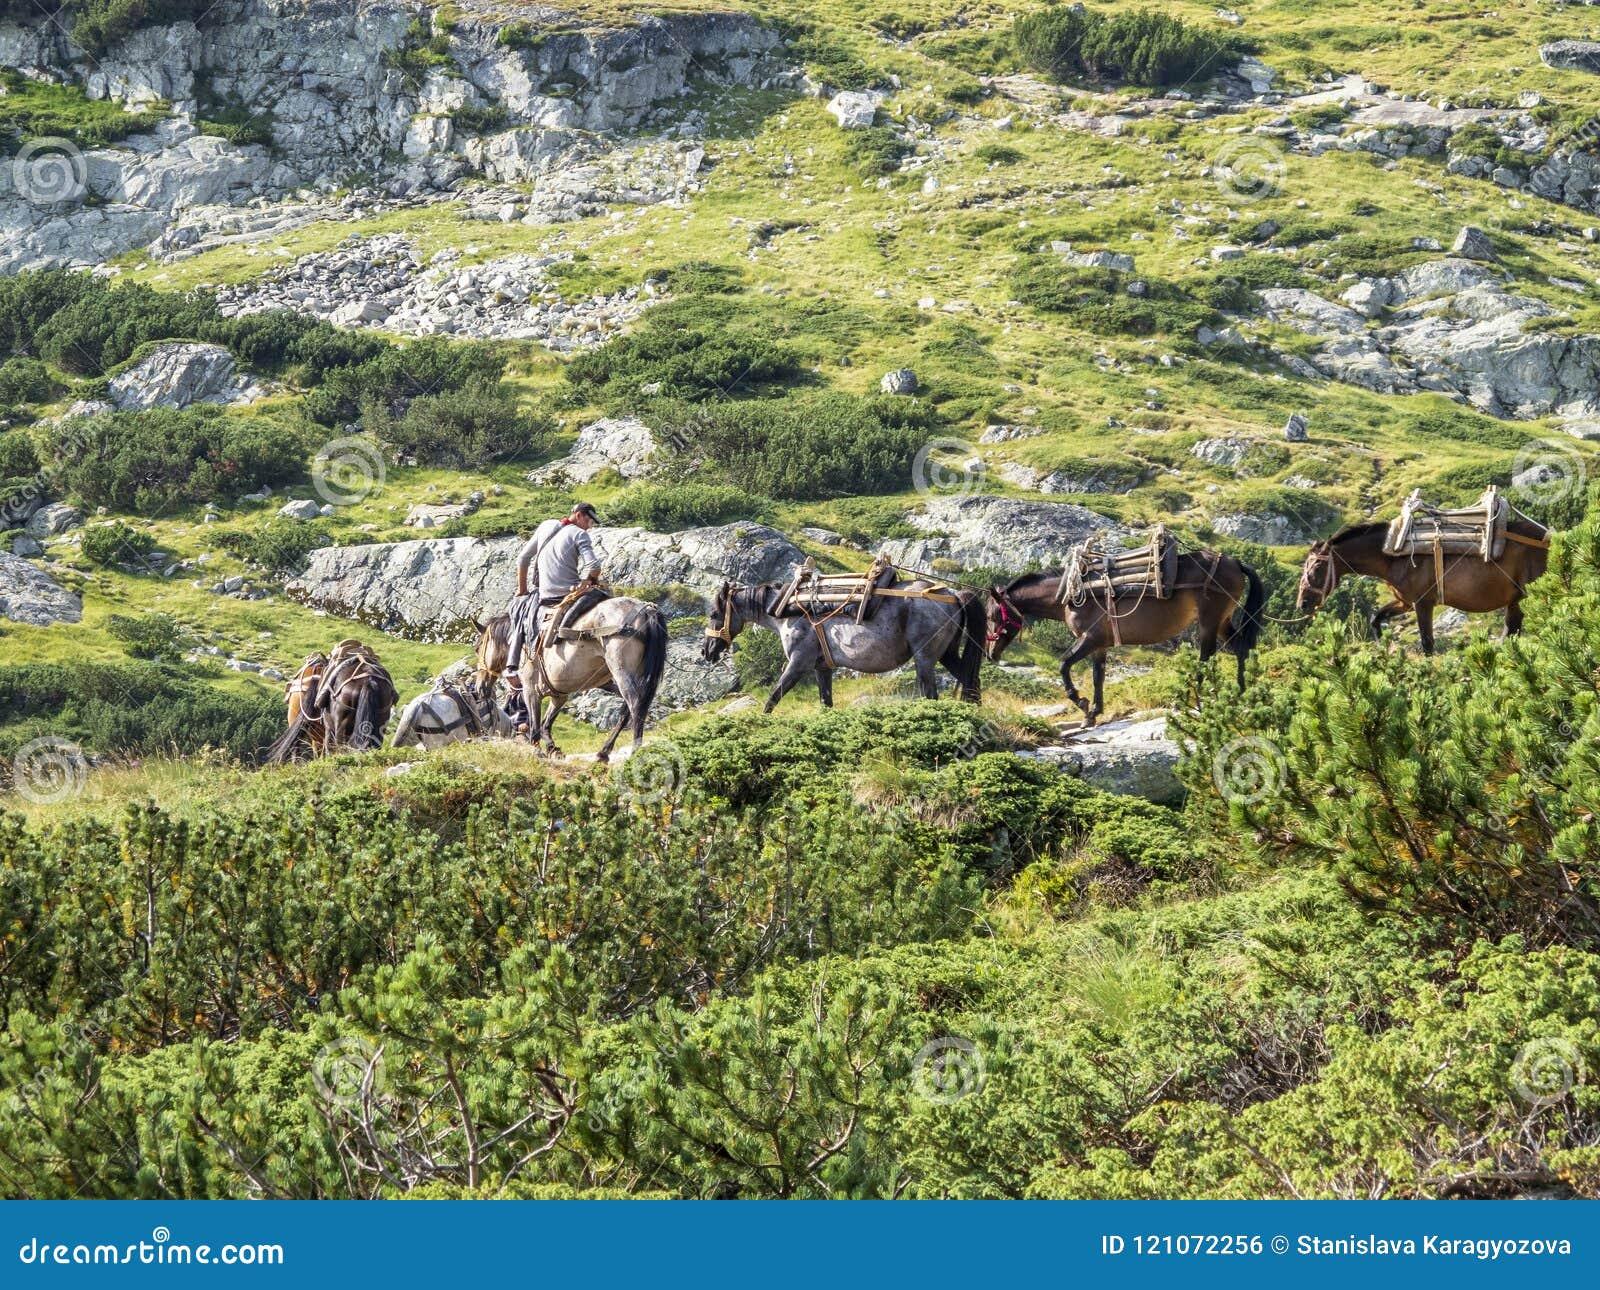 ΒΟΥΝΆ RILA, ΒΟΥΛΓΑΡΊΑ - 9 ΑΥΓΟΎΣΤΟΥ 2012: Ένας νεαρός άνδρας σε ένα άλογο οδηγεί μια συνοδεία αλόγων για αποσκευές υψηλών βουνών